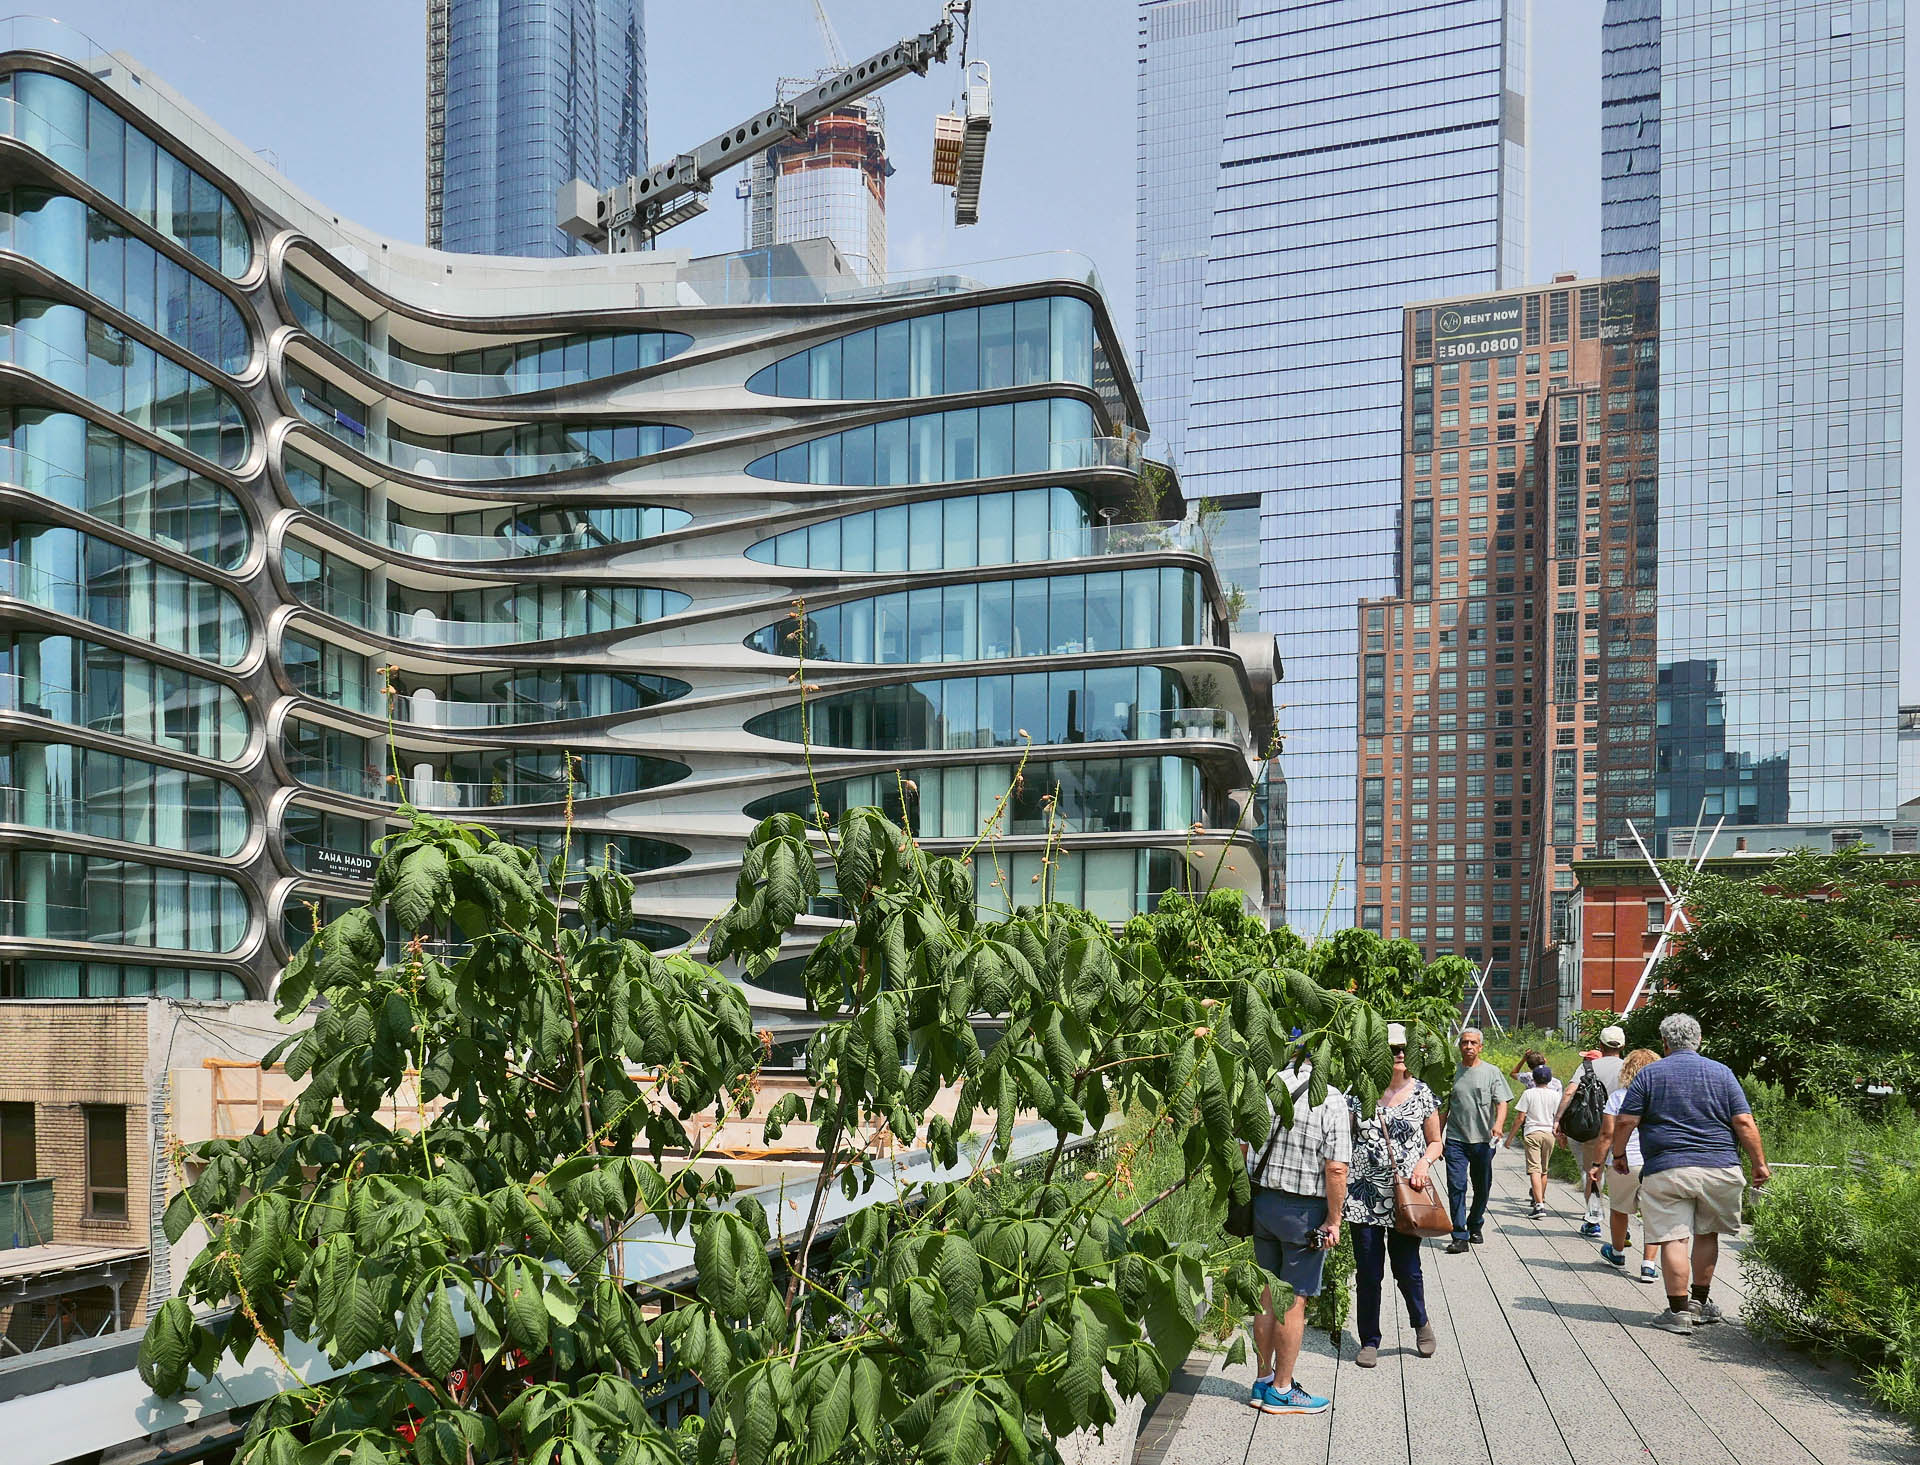 widoczny od strony promenady 520 West 28th, czyli budynek autorstwa Zaha Hadid Architects